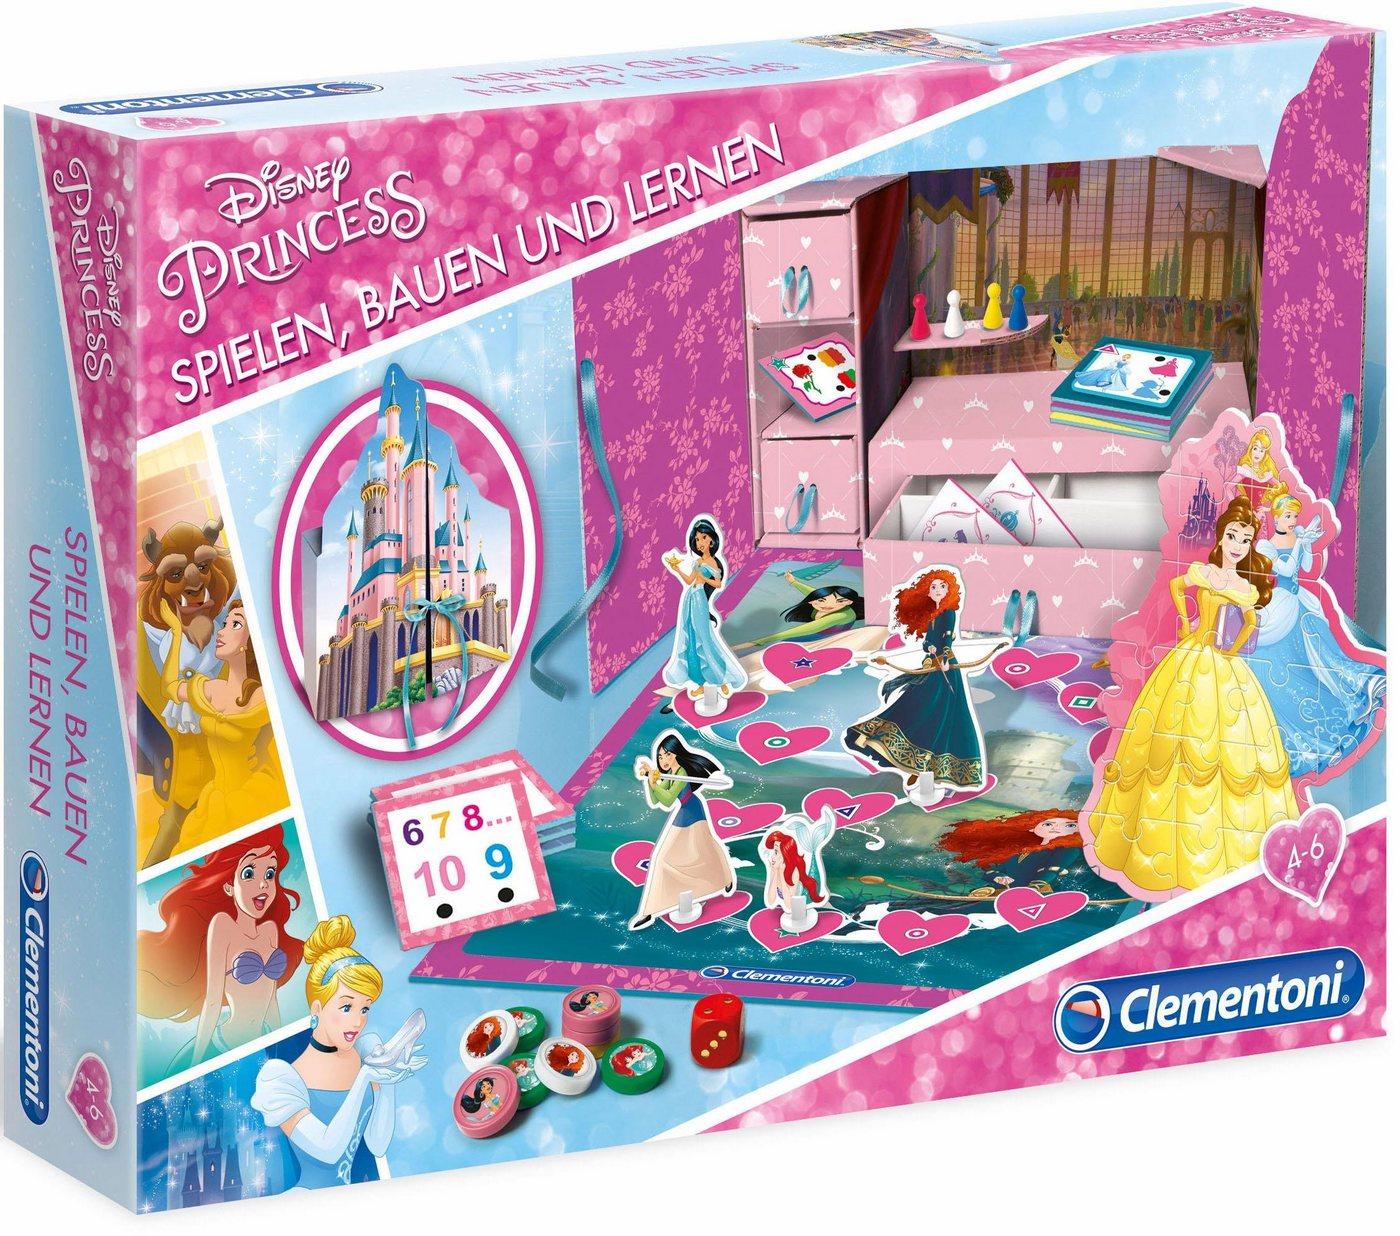 Vorschaubild von Clementoni Lernspiele, »Disney Princess Spielen, Basteln und Lernen «